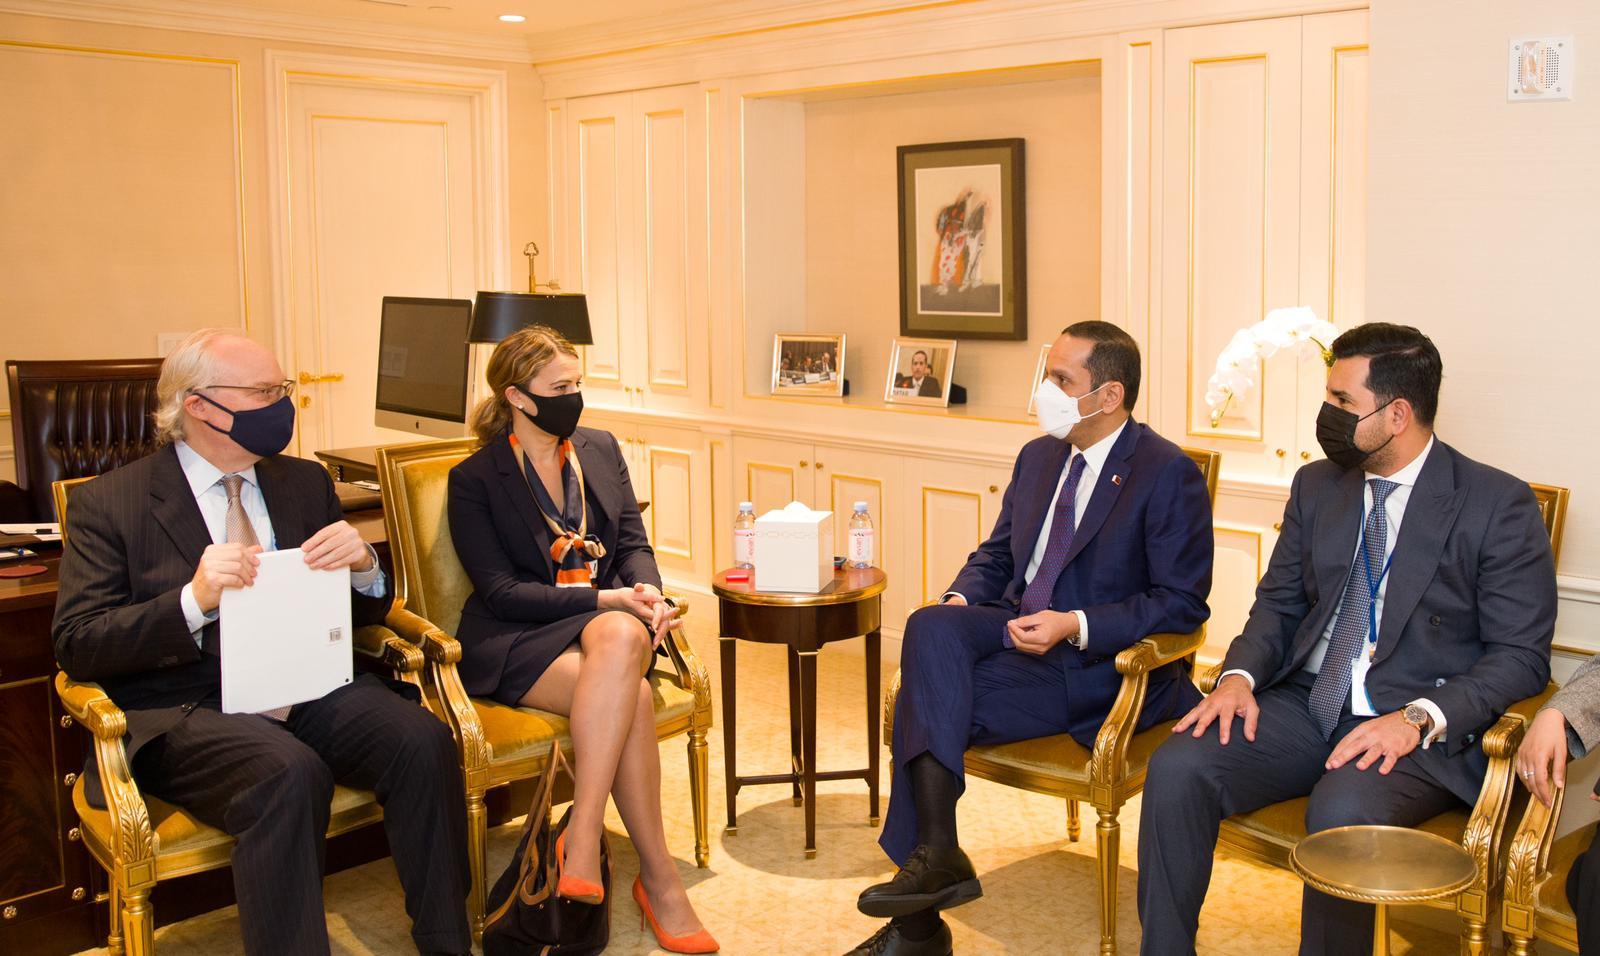 نائب رئيس مجلس الوزراء وزير الخارجية يجتمع مع عدد من المسؤولين على هامش أعمال الدورة الـ76 للجمعية العامة للأمم المتحدة